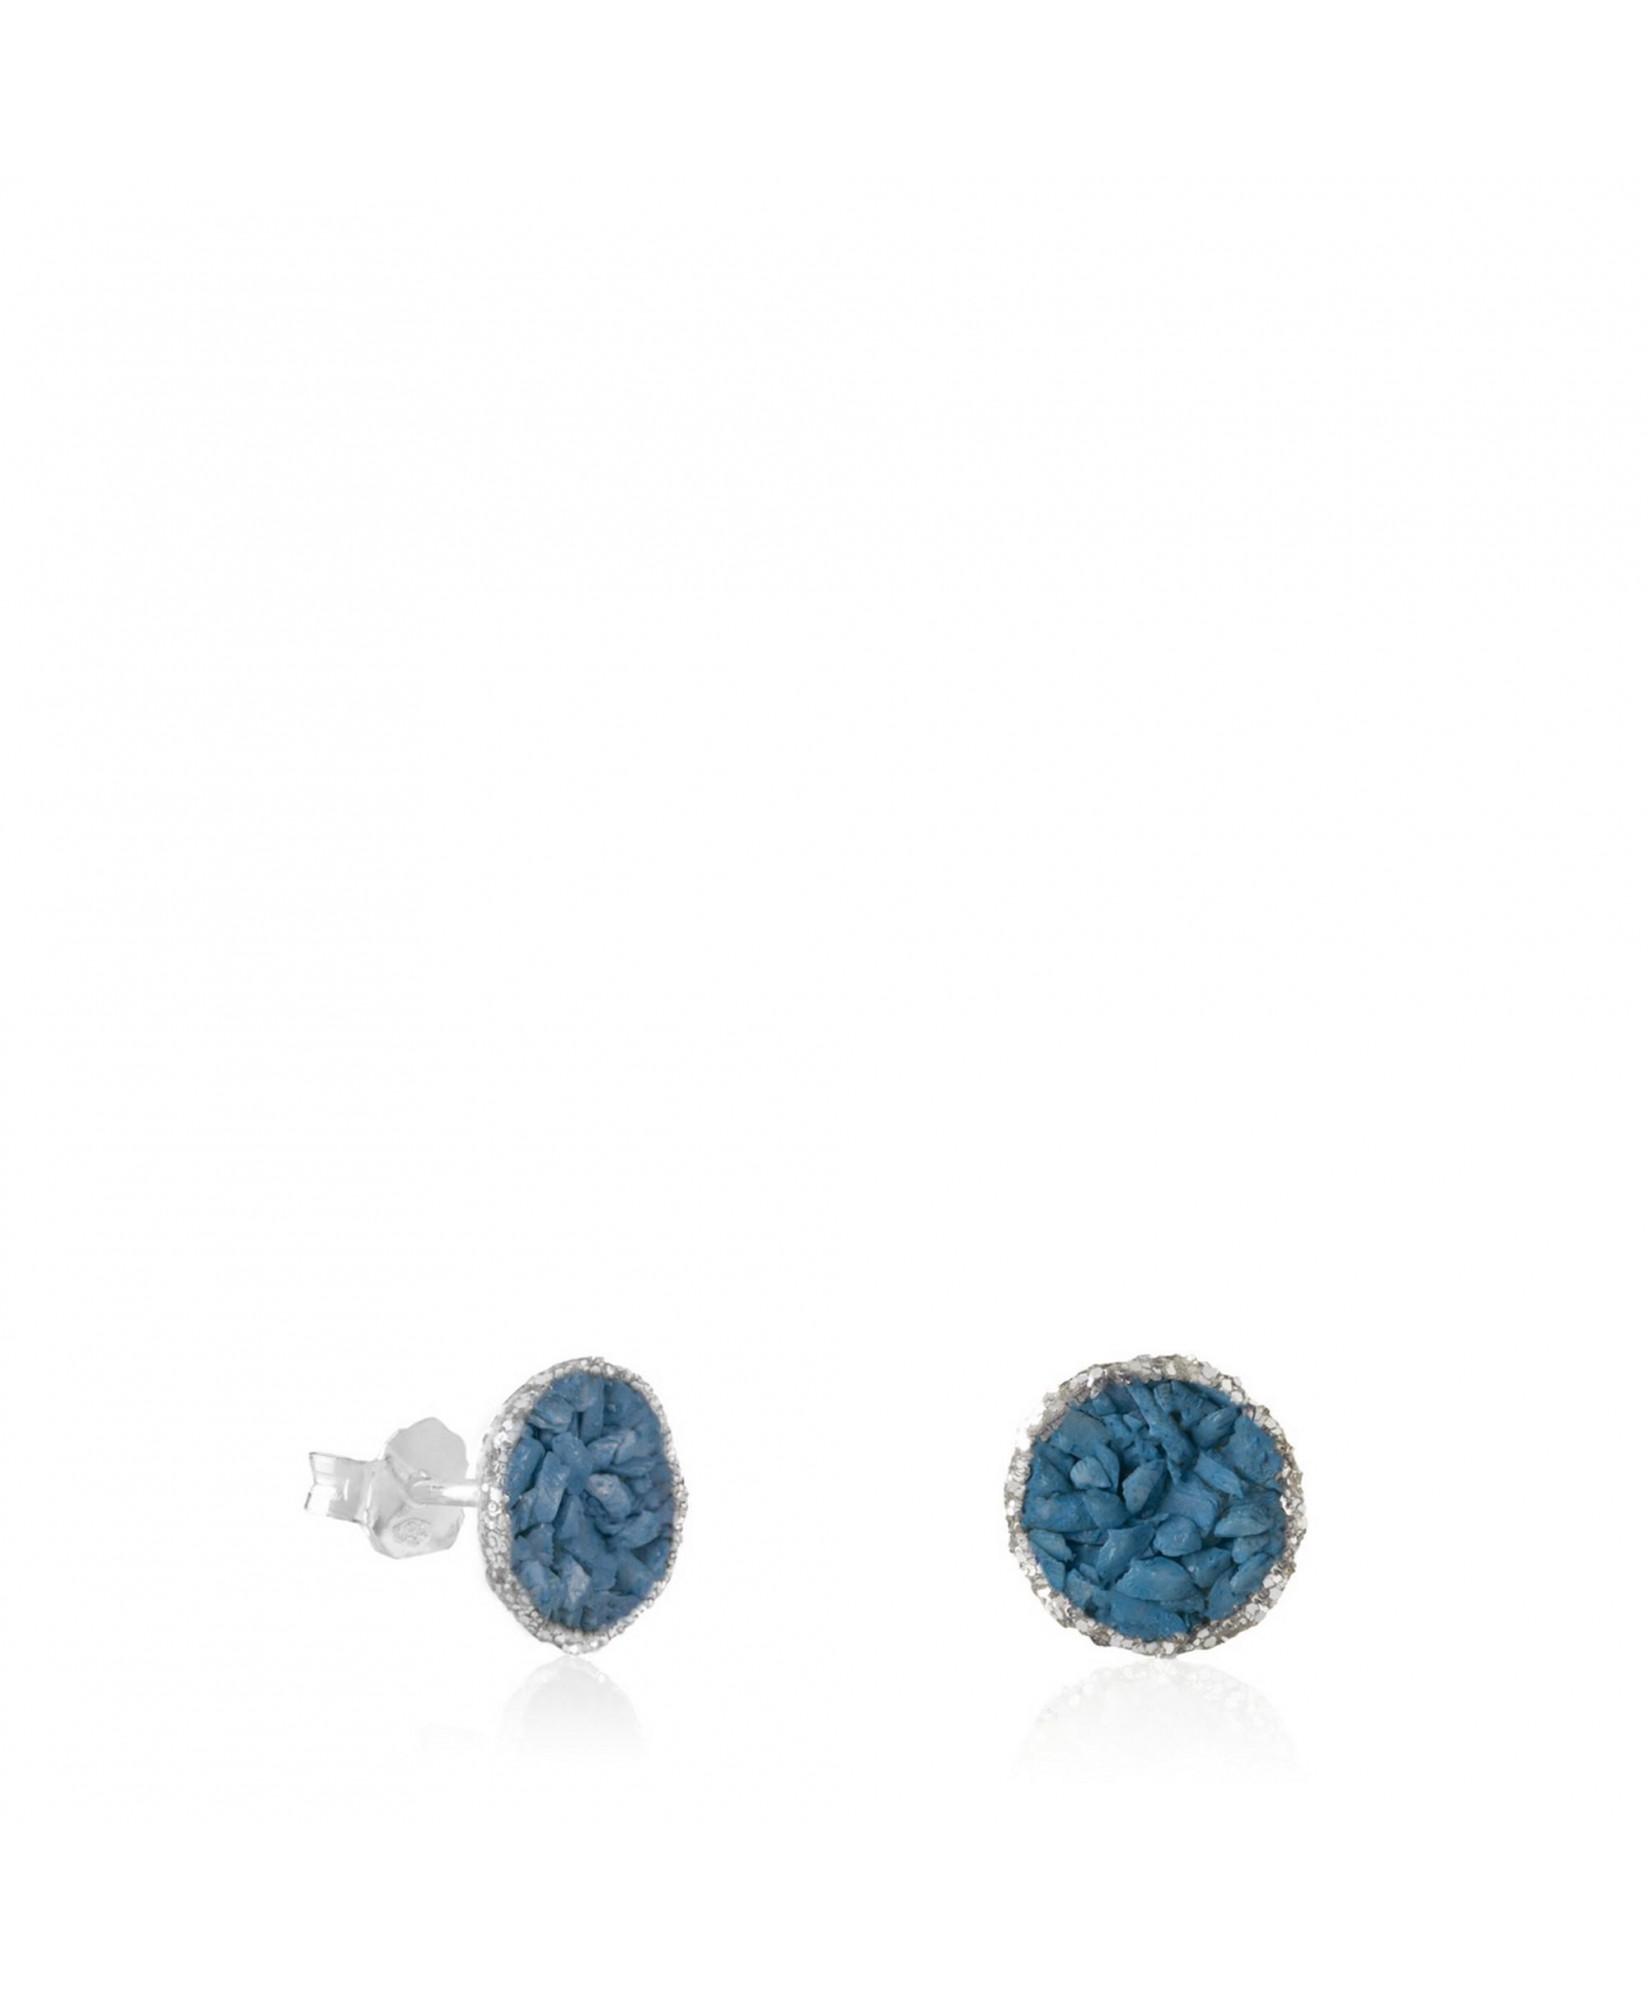 Pendientes dormilonas de plata medianas Sky con nácar azul ducado Pendientes dormilonas de plata medianas Sky con nácar azul ducado